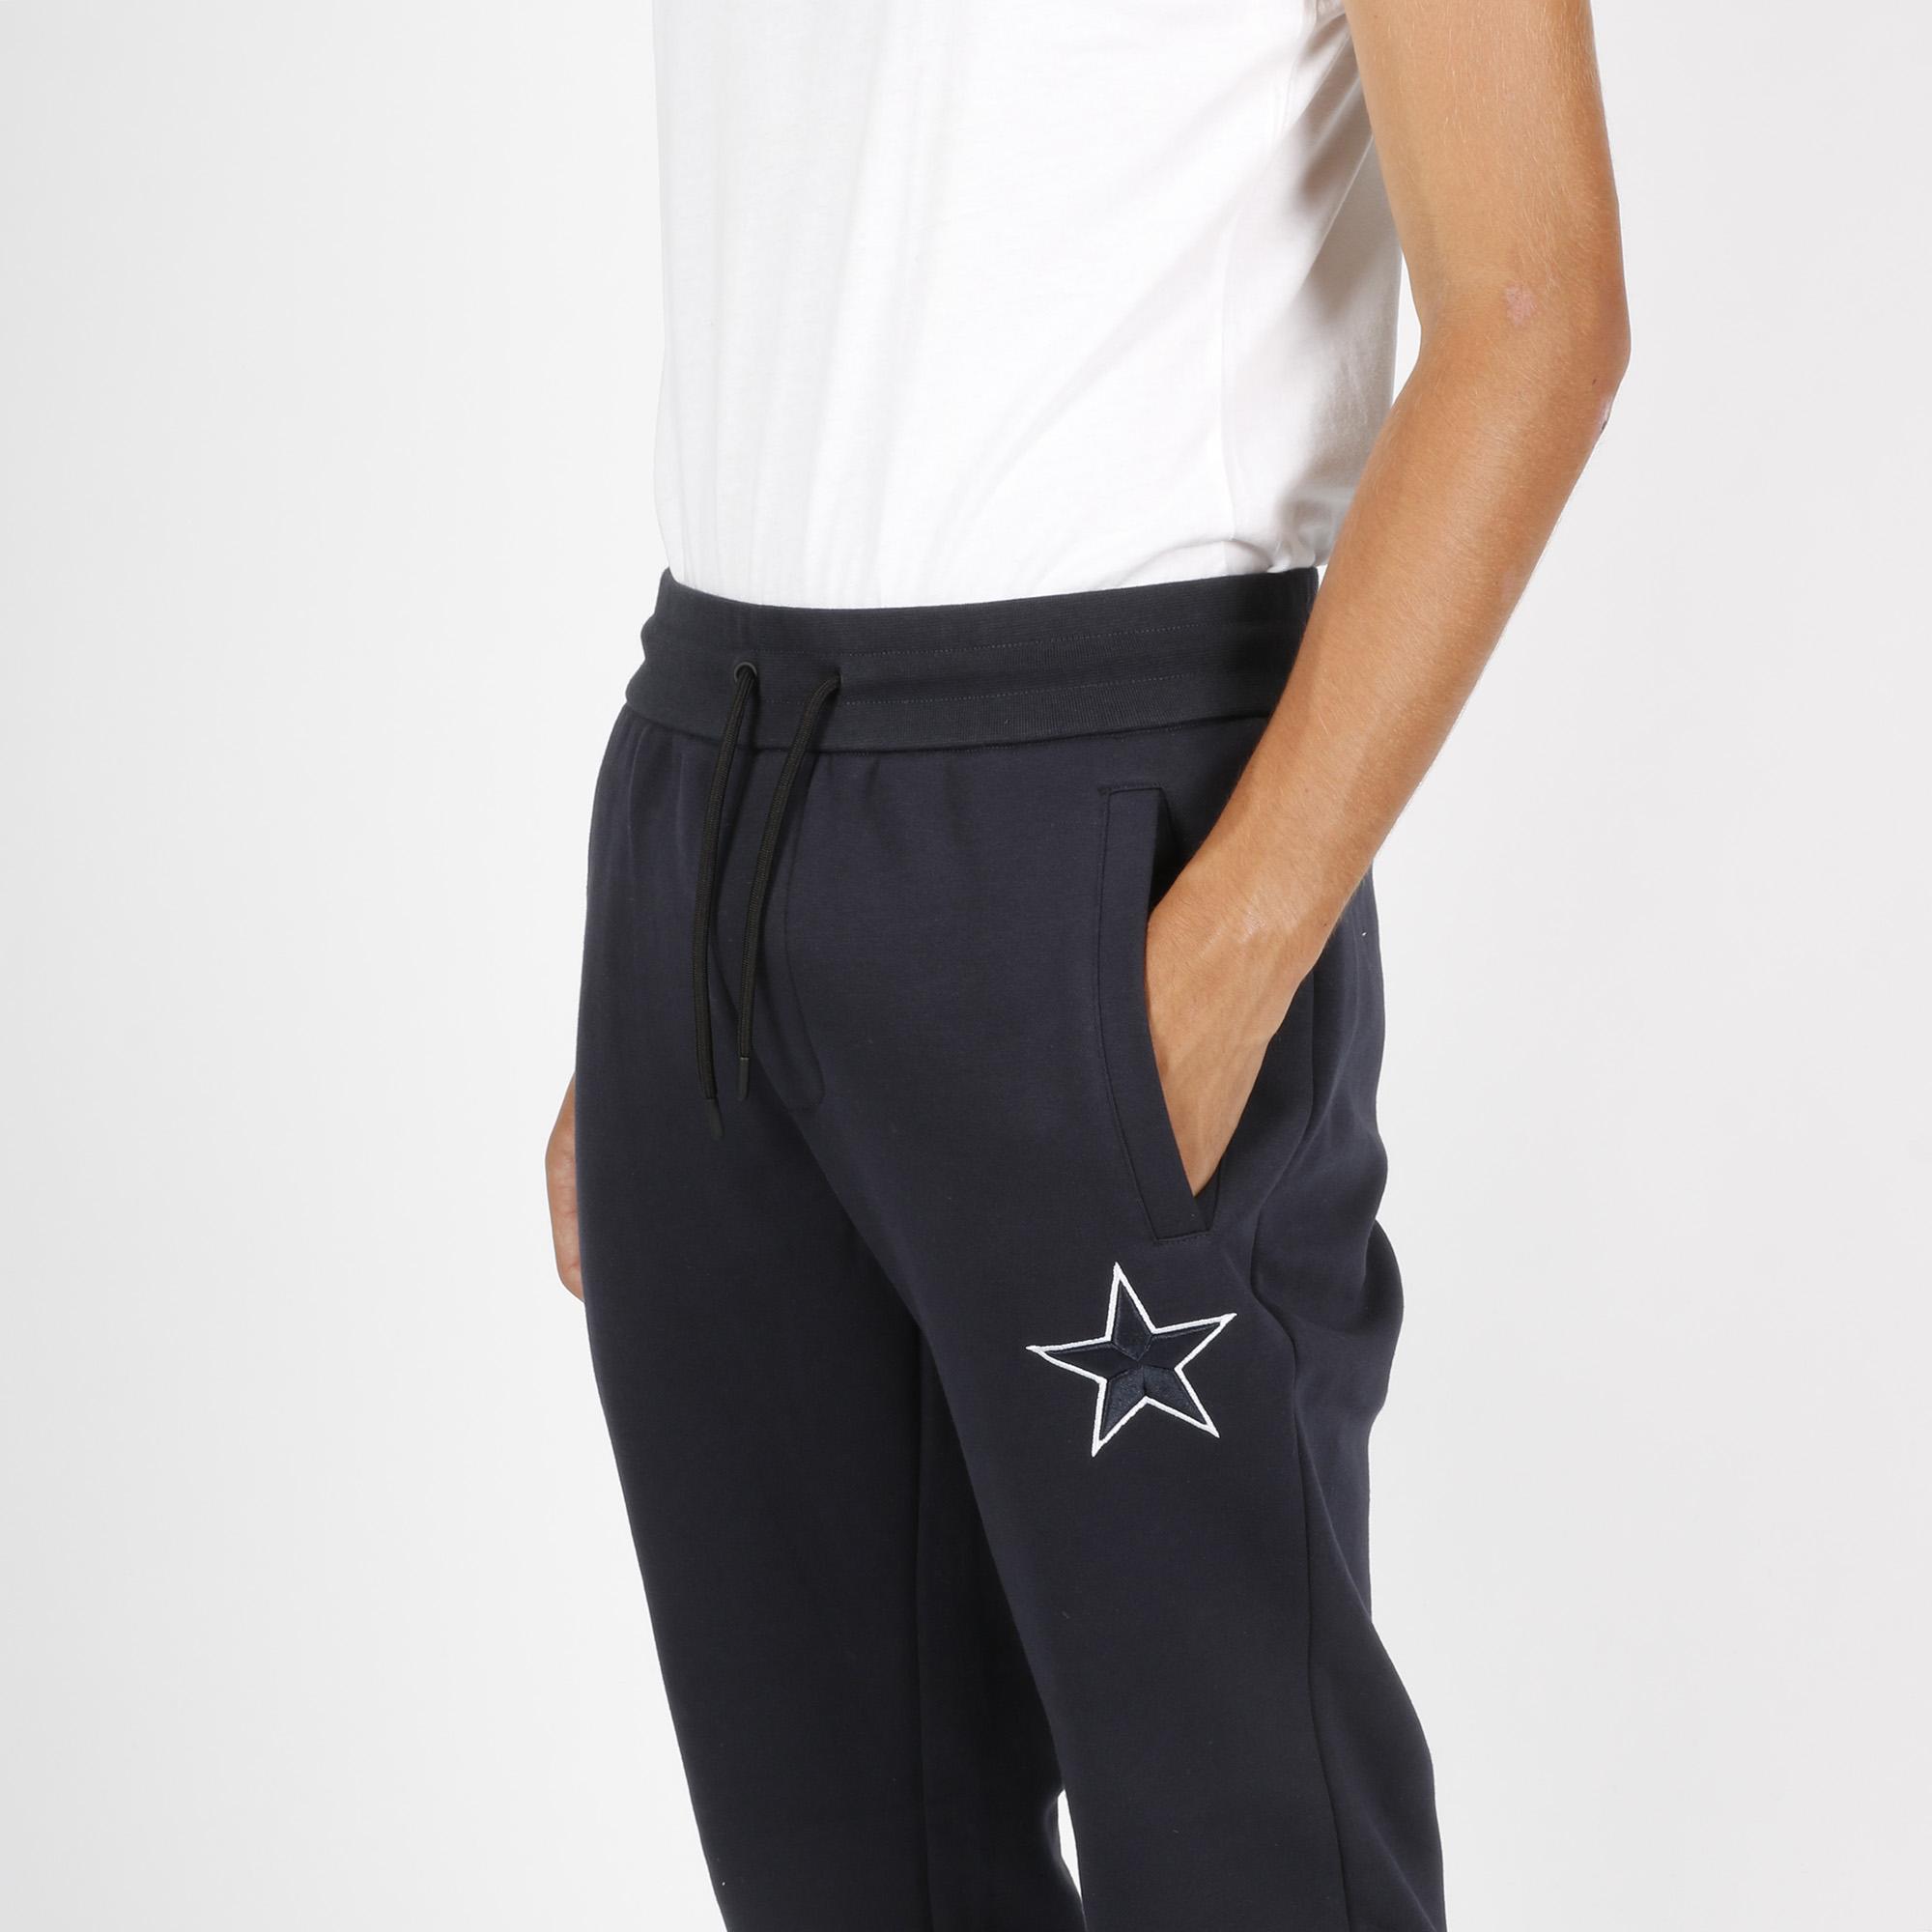 Pantalone stella ricamo - Blu navy